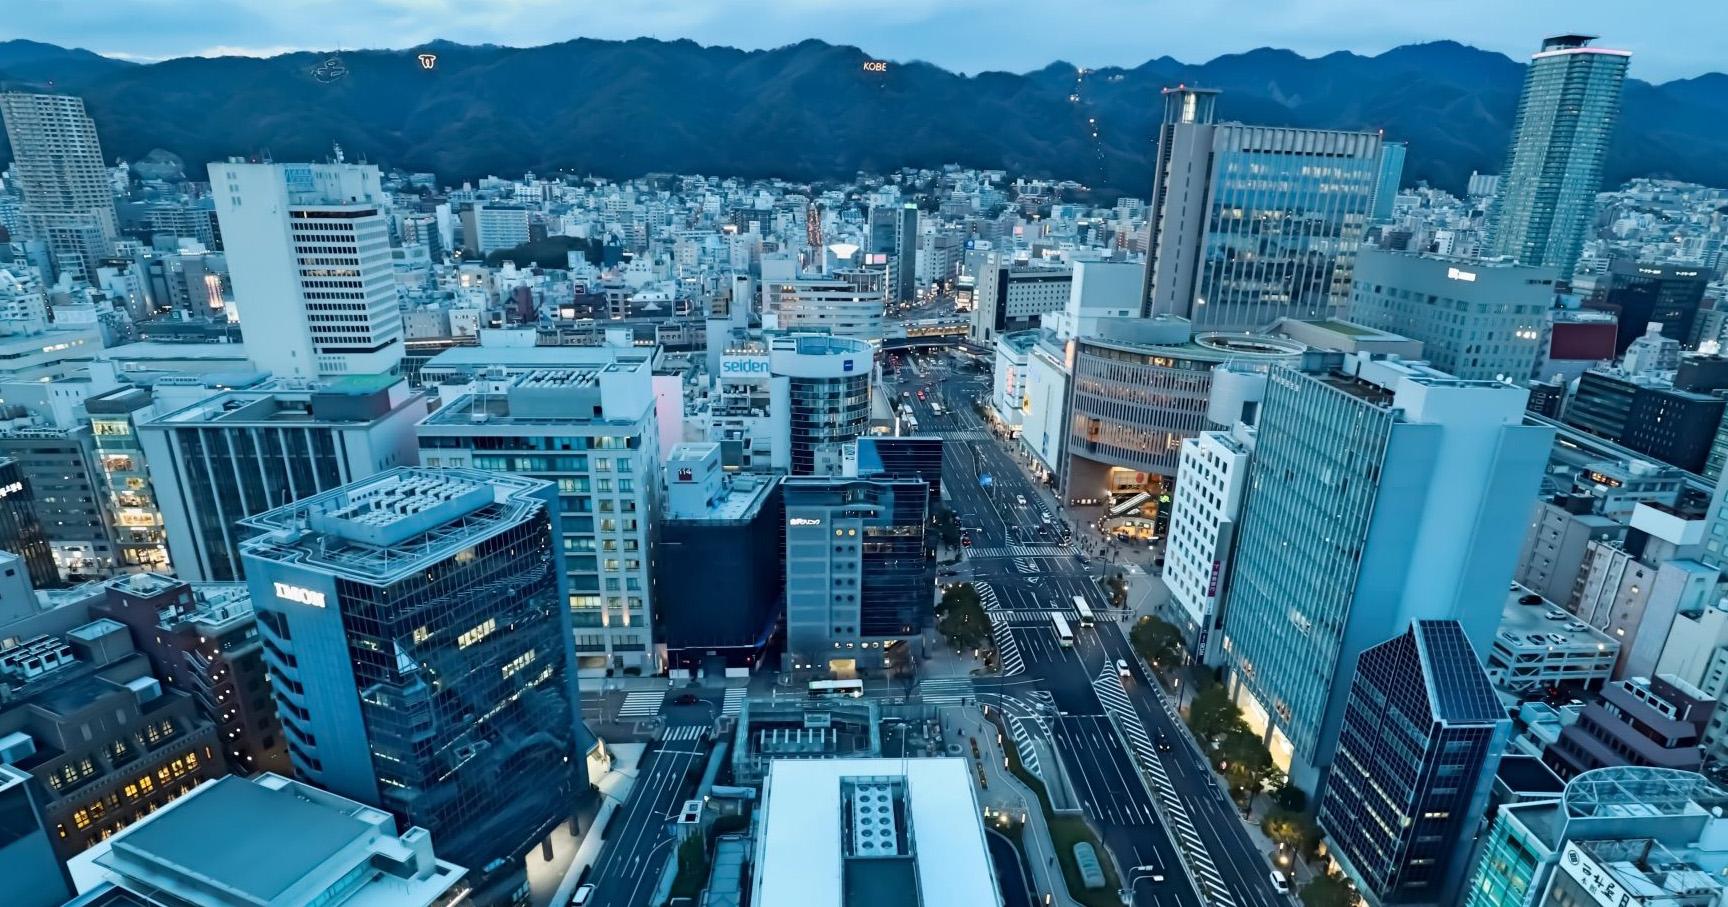 中央区で人気のエリアは三宮駅・元町駅・神戸駅・ハーバーランド駅周辺です。